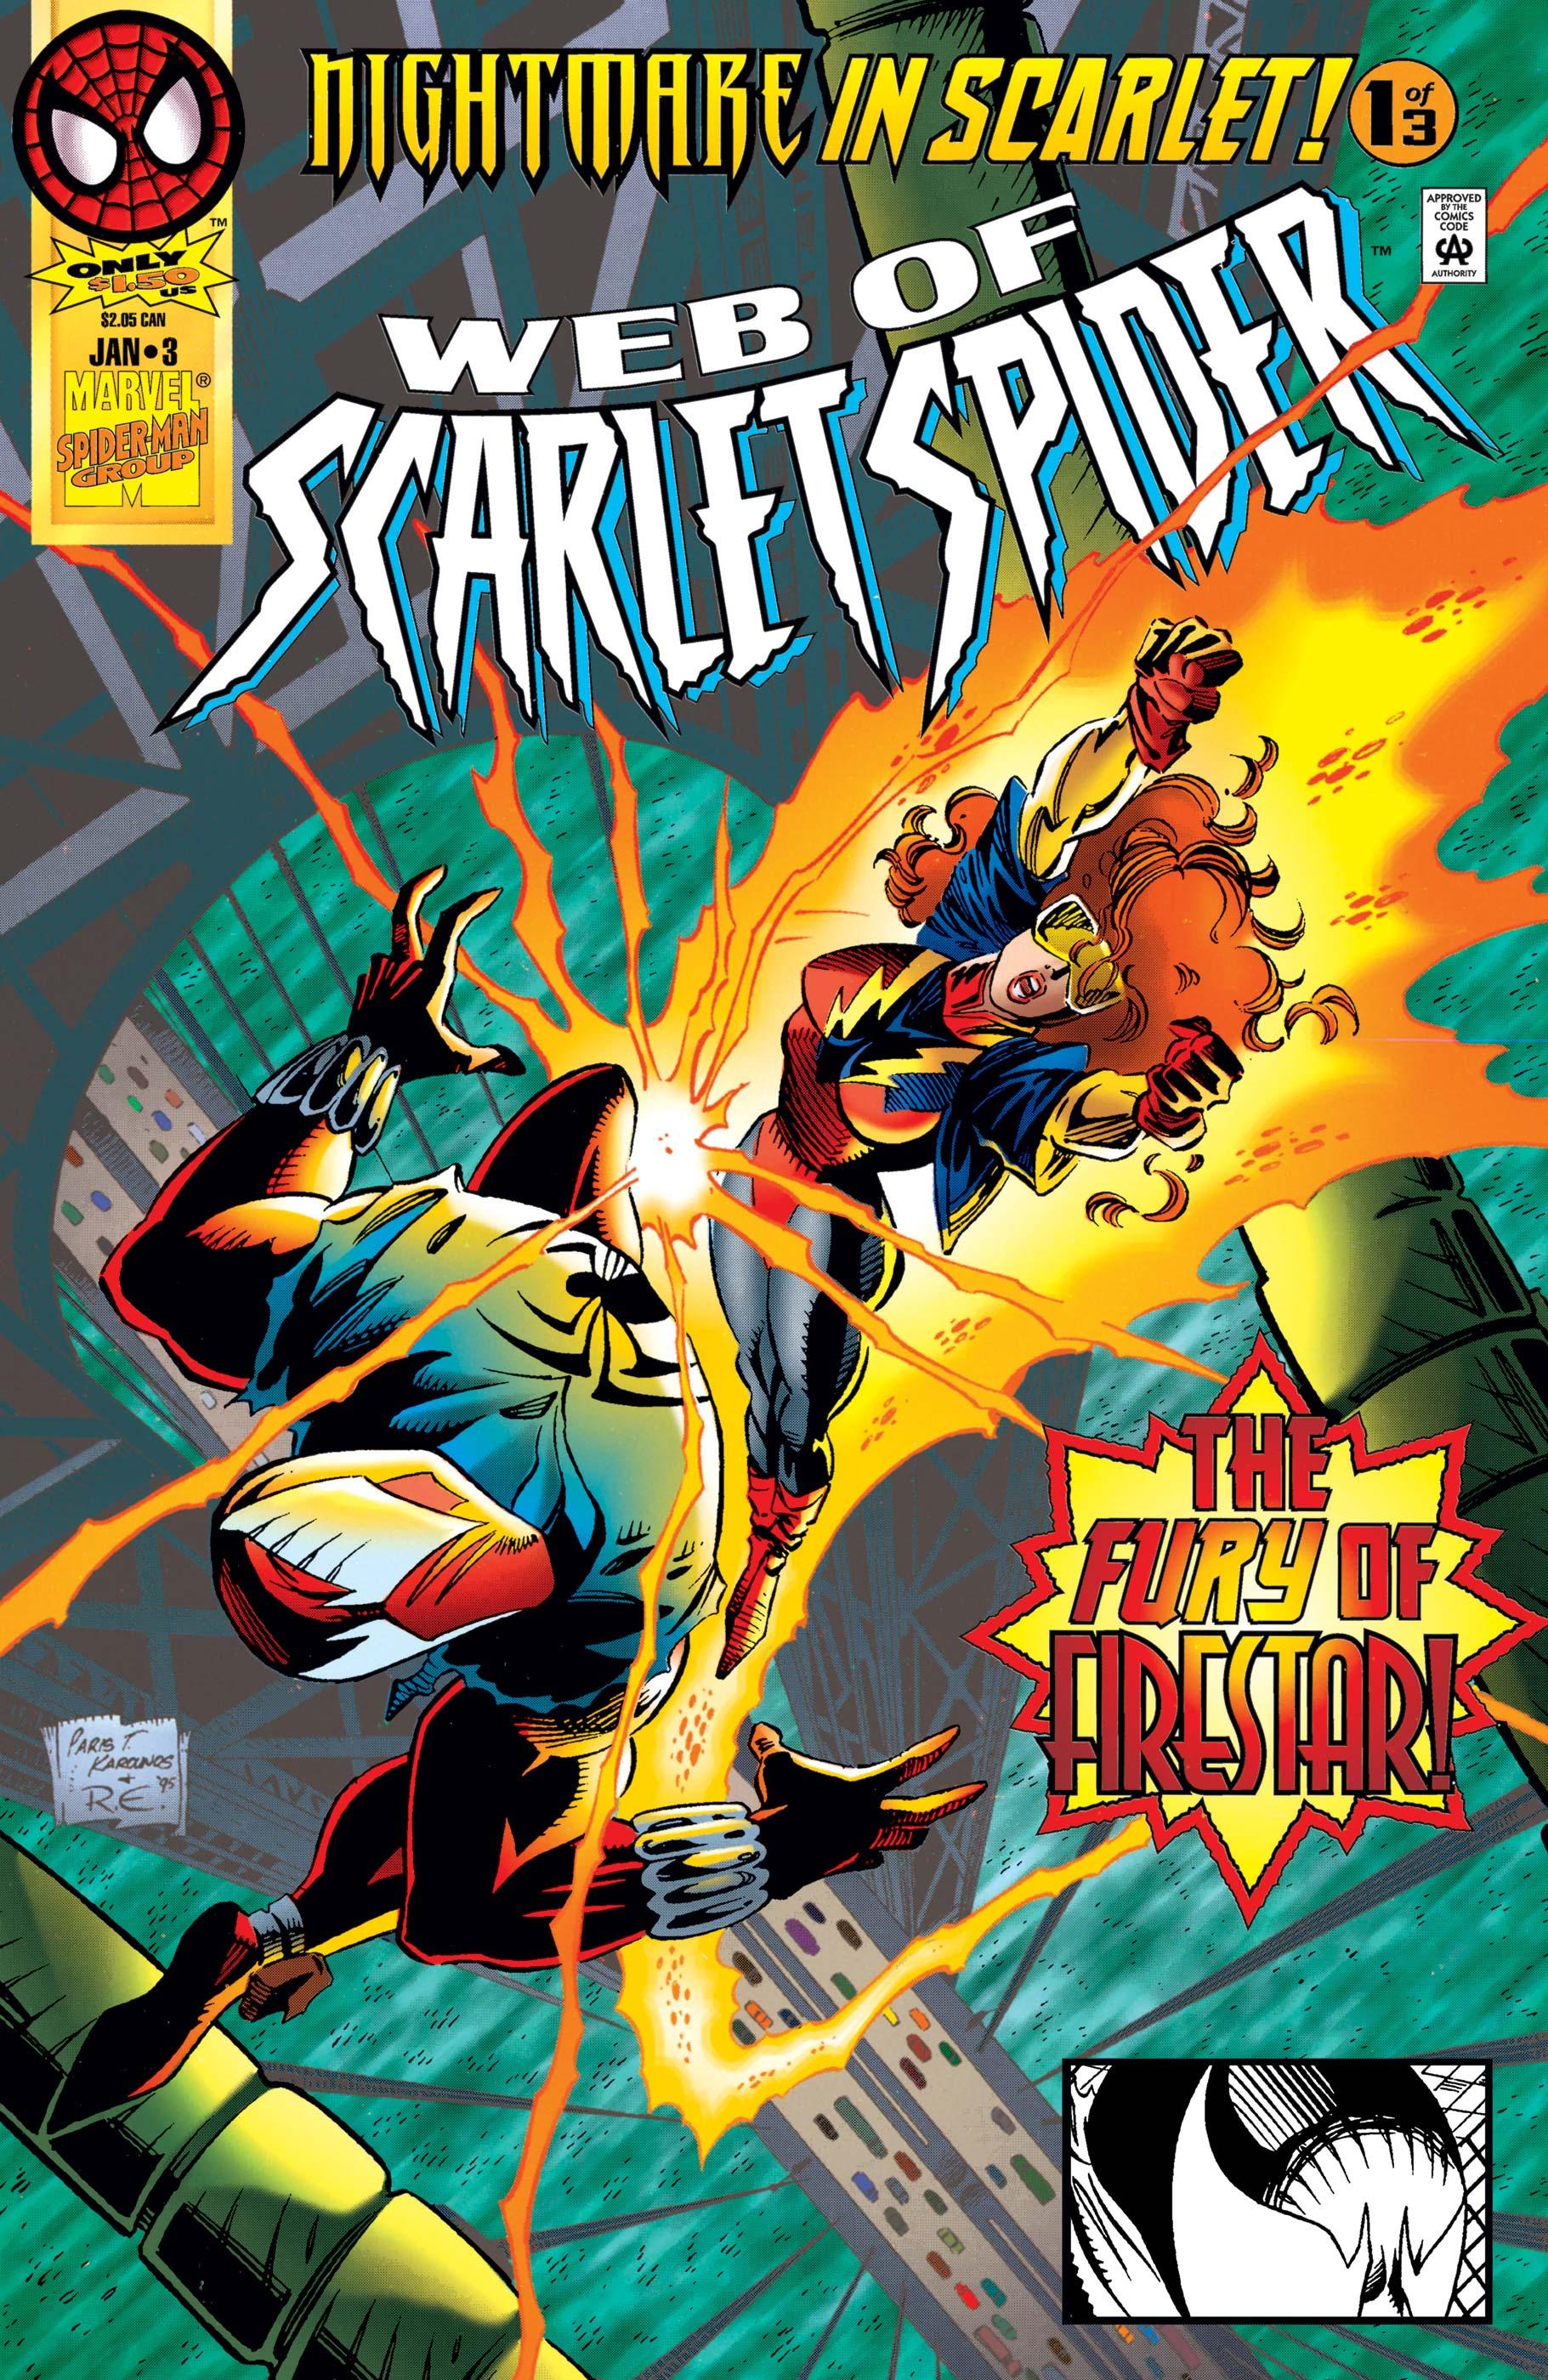 Web of Scarlet Spider (1995) #3